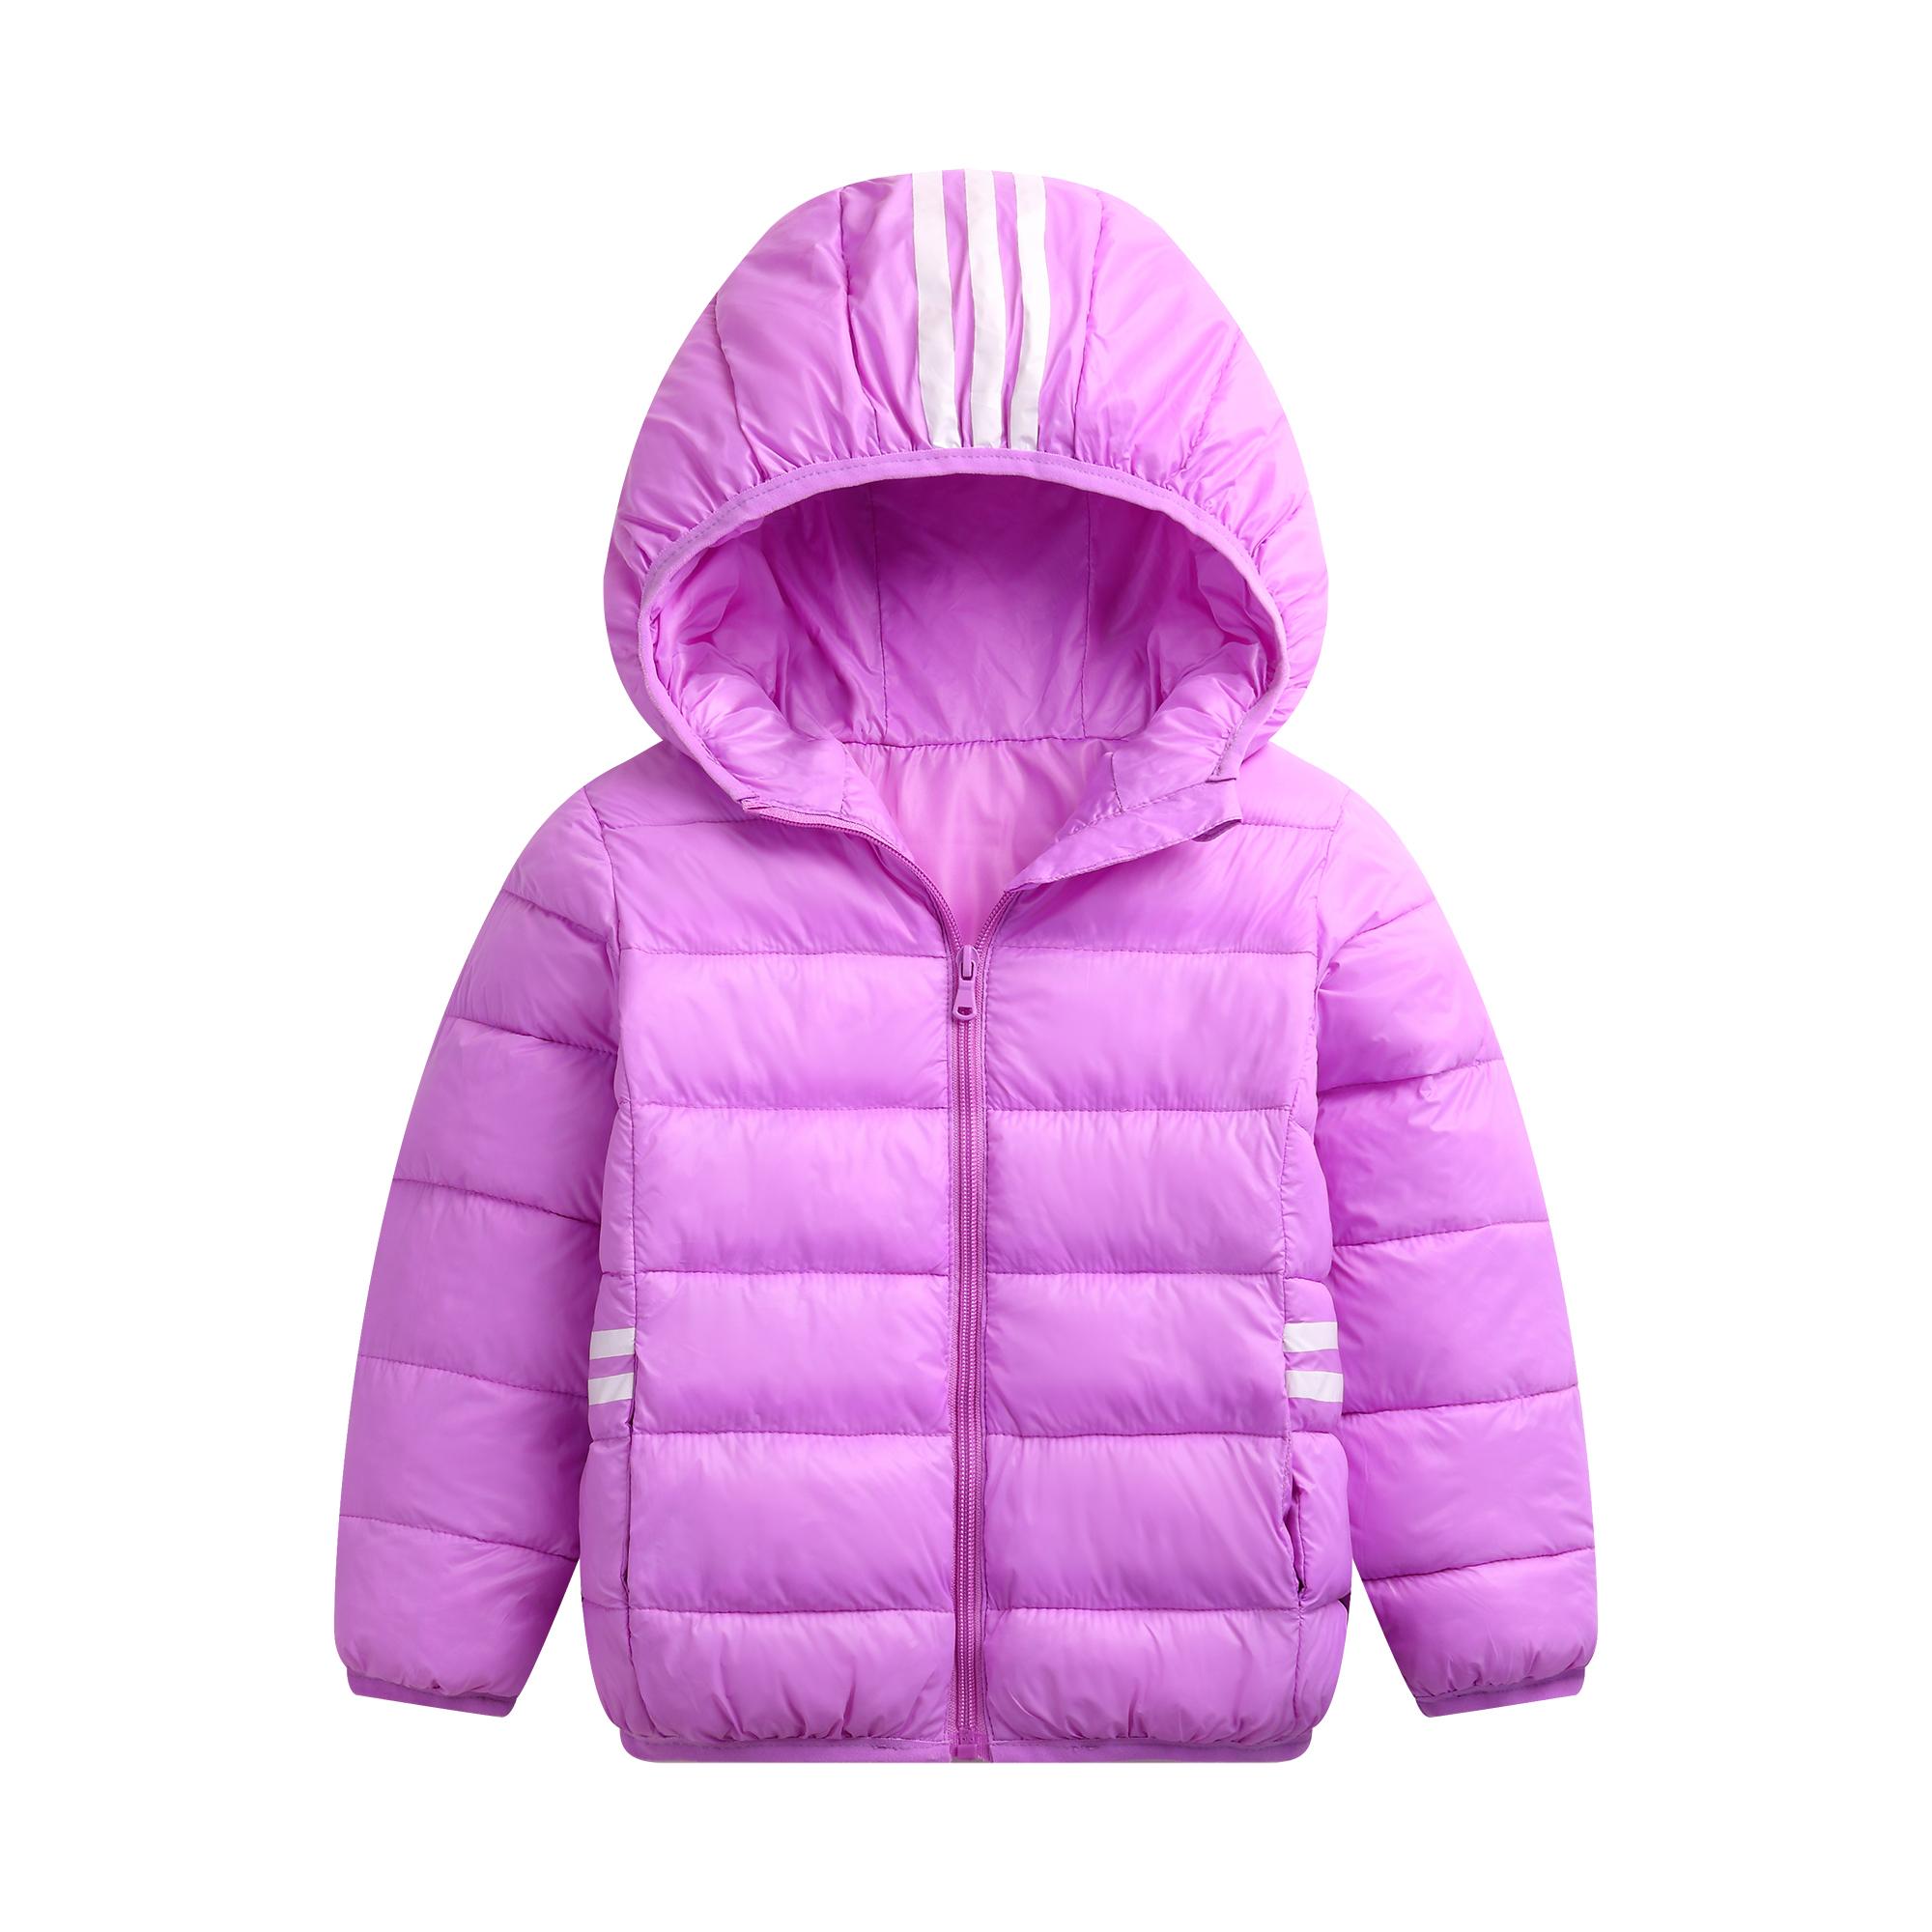 2018新款儿童服轻薄款男女童棉衣 女童棉袄短款 中大童保暖棉外套